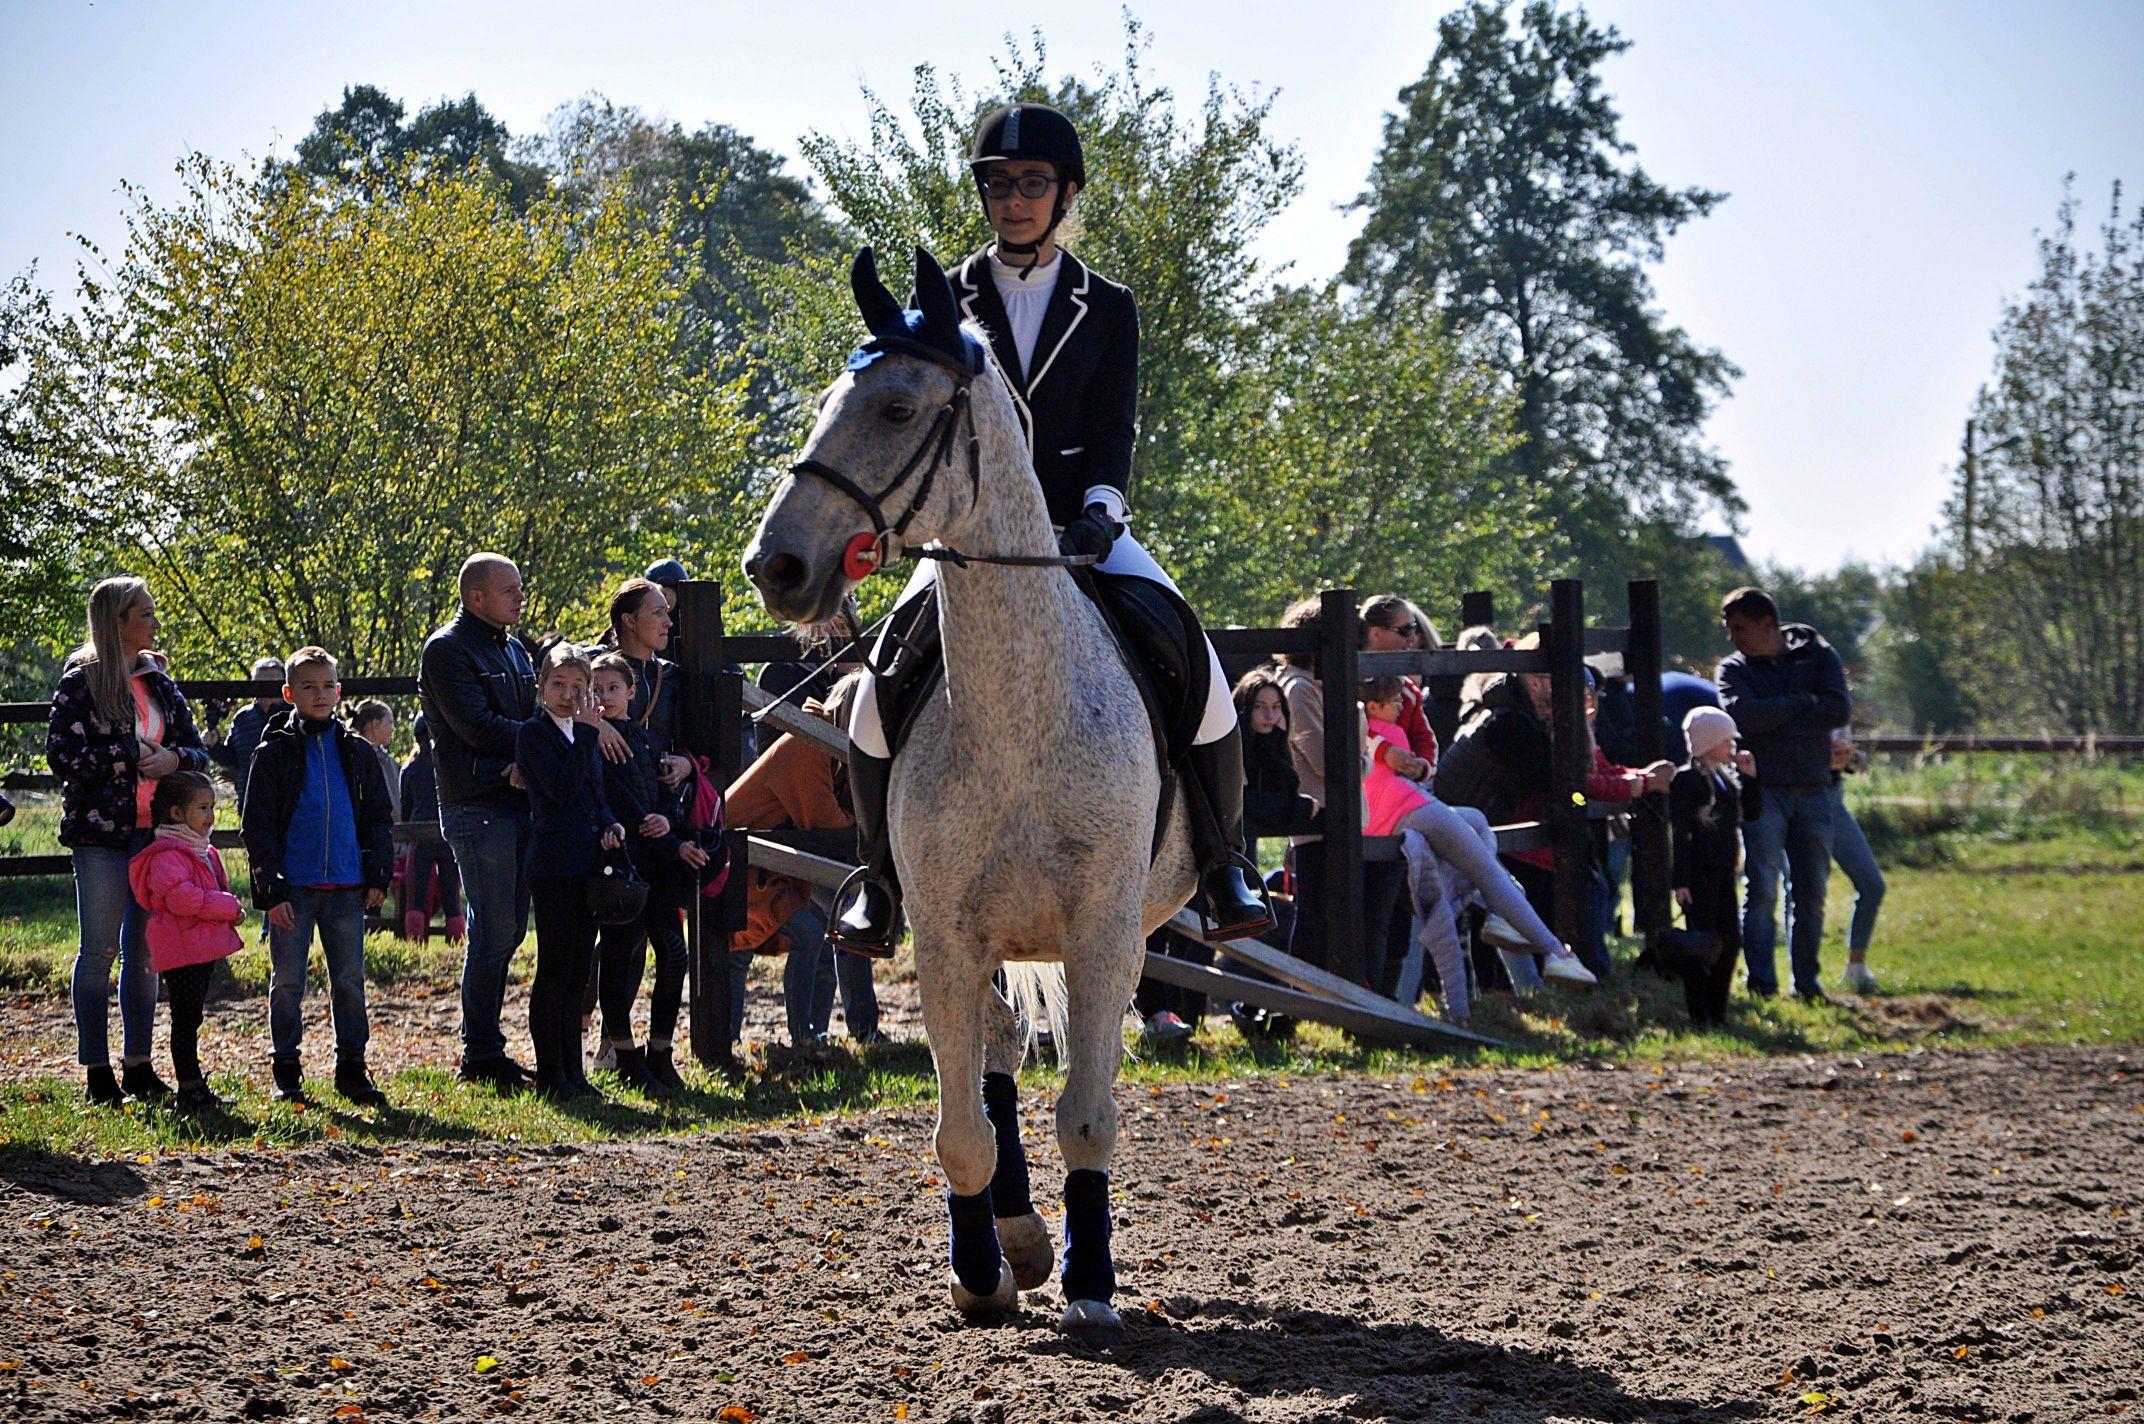 To był pierwszy w tym roku Hubertus. Święto dla miłośników koni i jeździectwa [ZDJĘCIA] - Zdjęcie główne